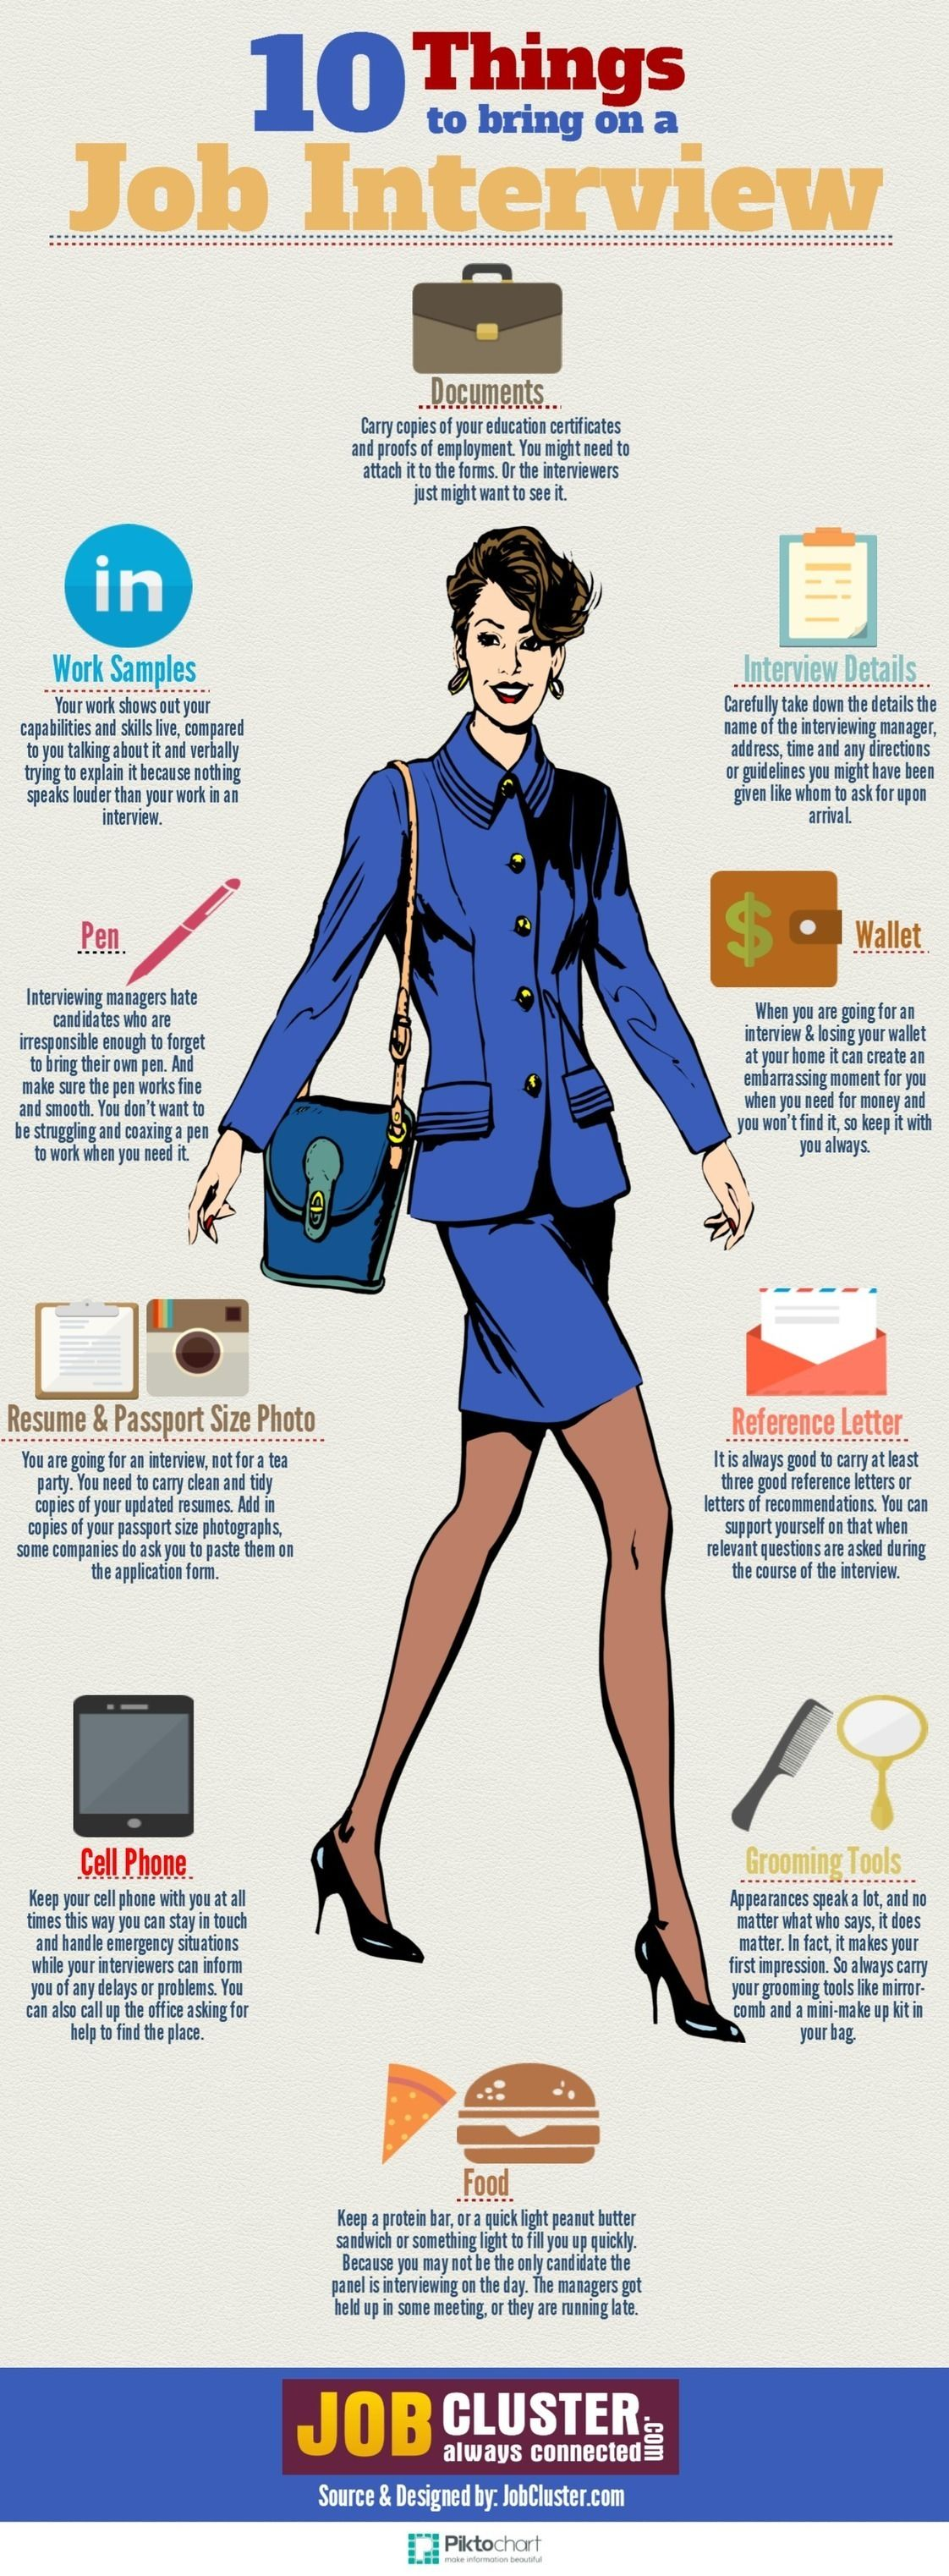 10 Things To Bring On A Job Interview Gestion De Recursos Humanos Busqueda De Empleo Entrevista De Trabajo